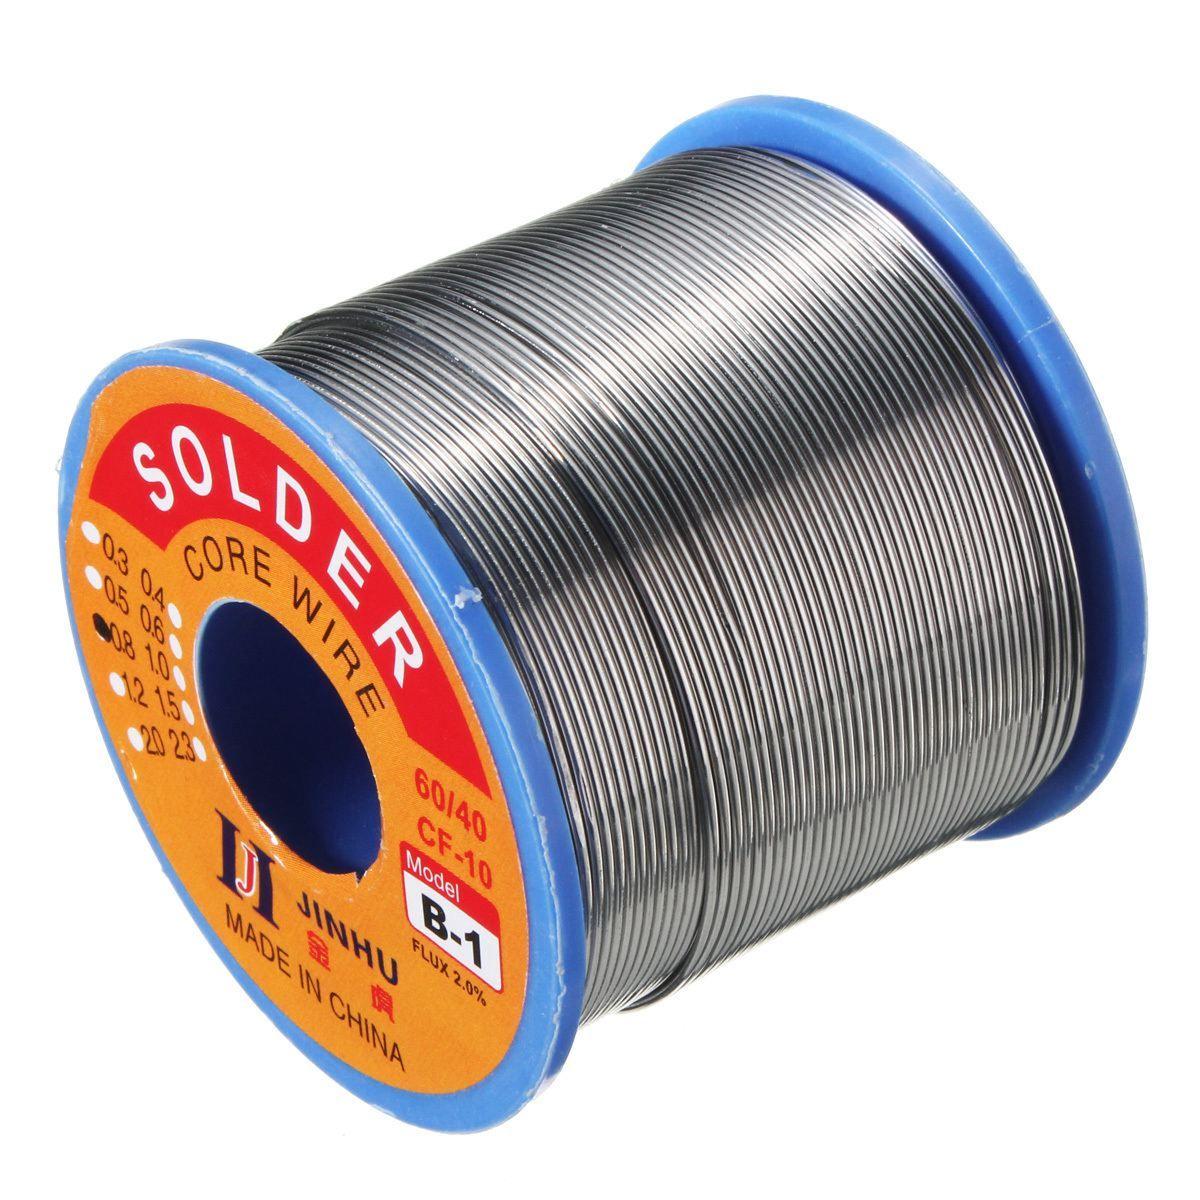 0.5/0.7/1 MM 60/40 FLUX 2.0% 500g étain plomb fil de soudure fusible colophane noyau soudure fil à souder rouleau